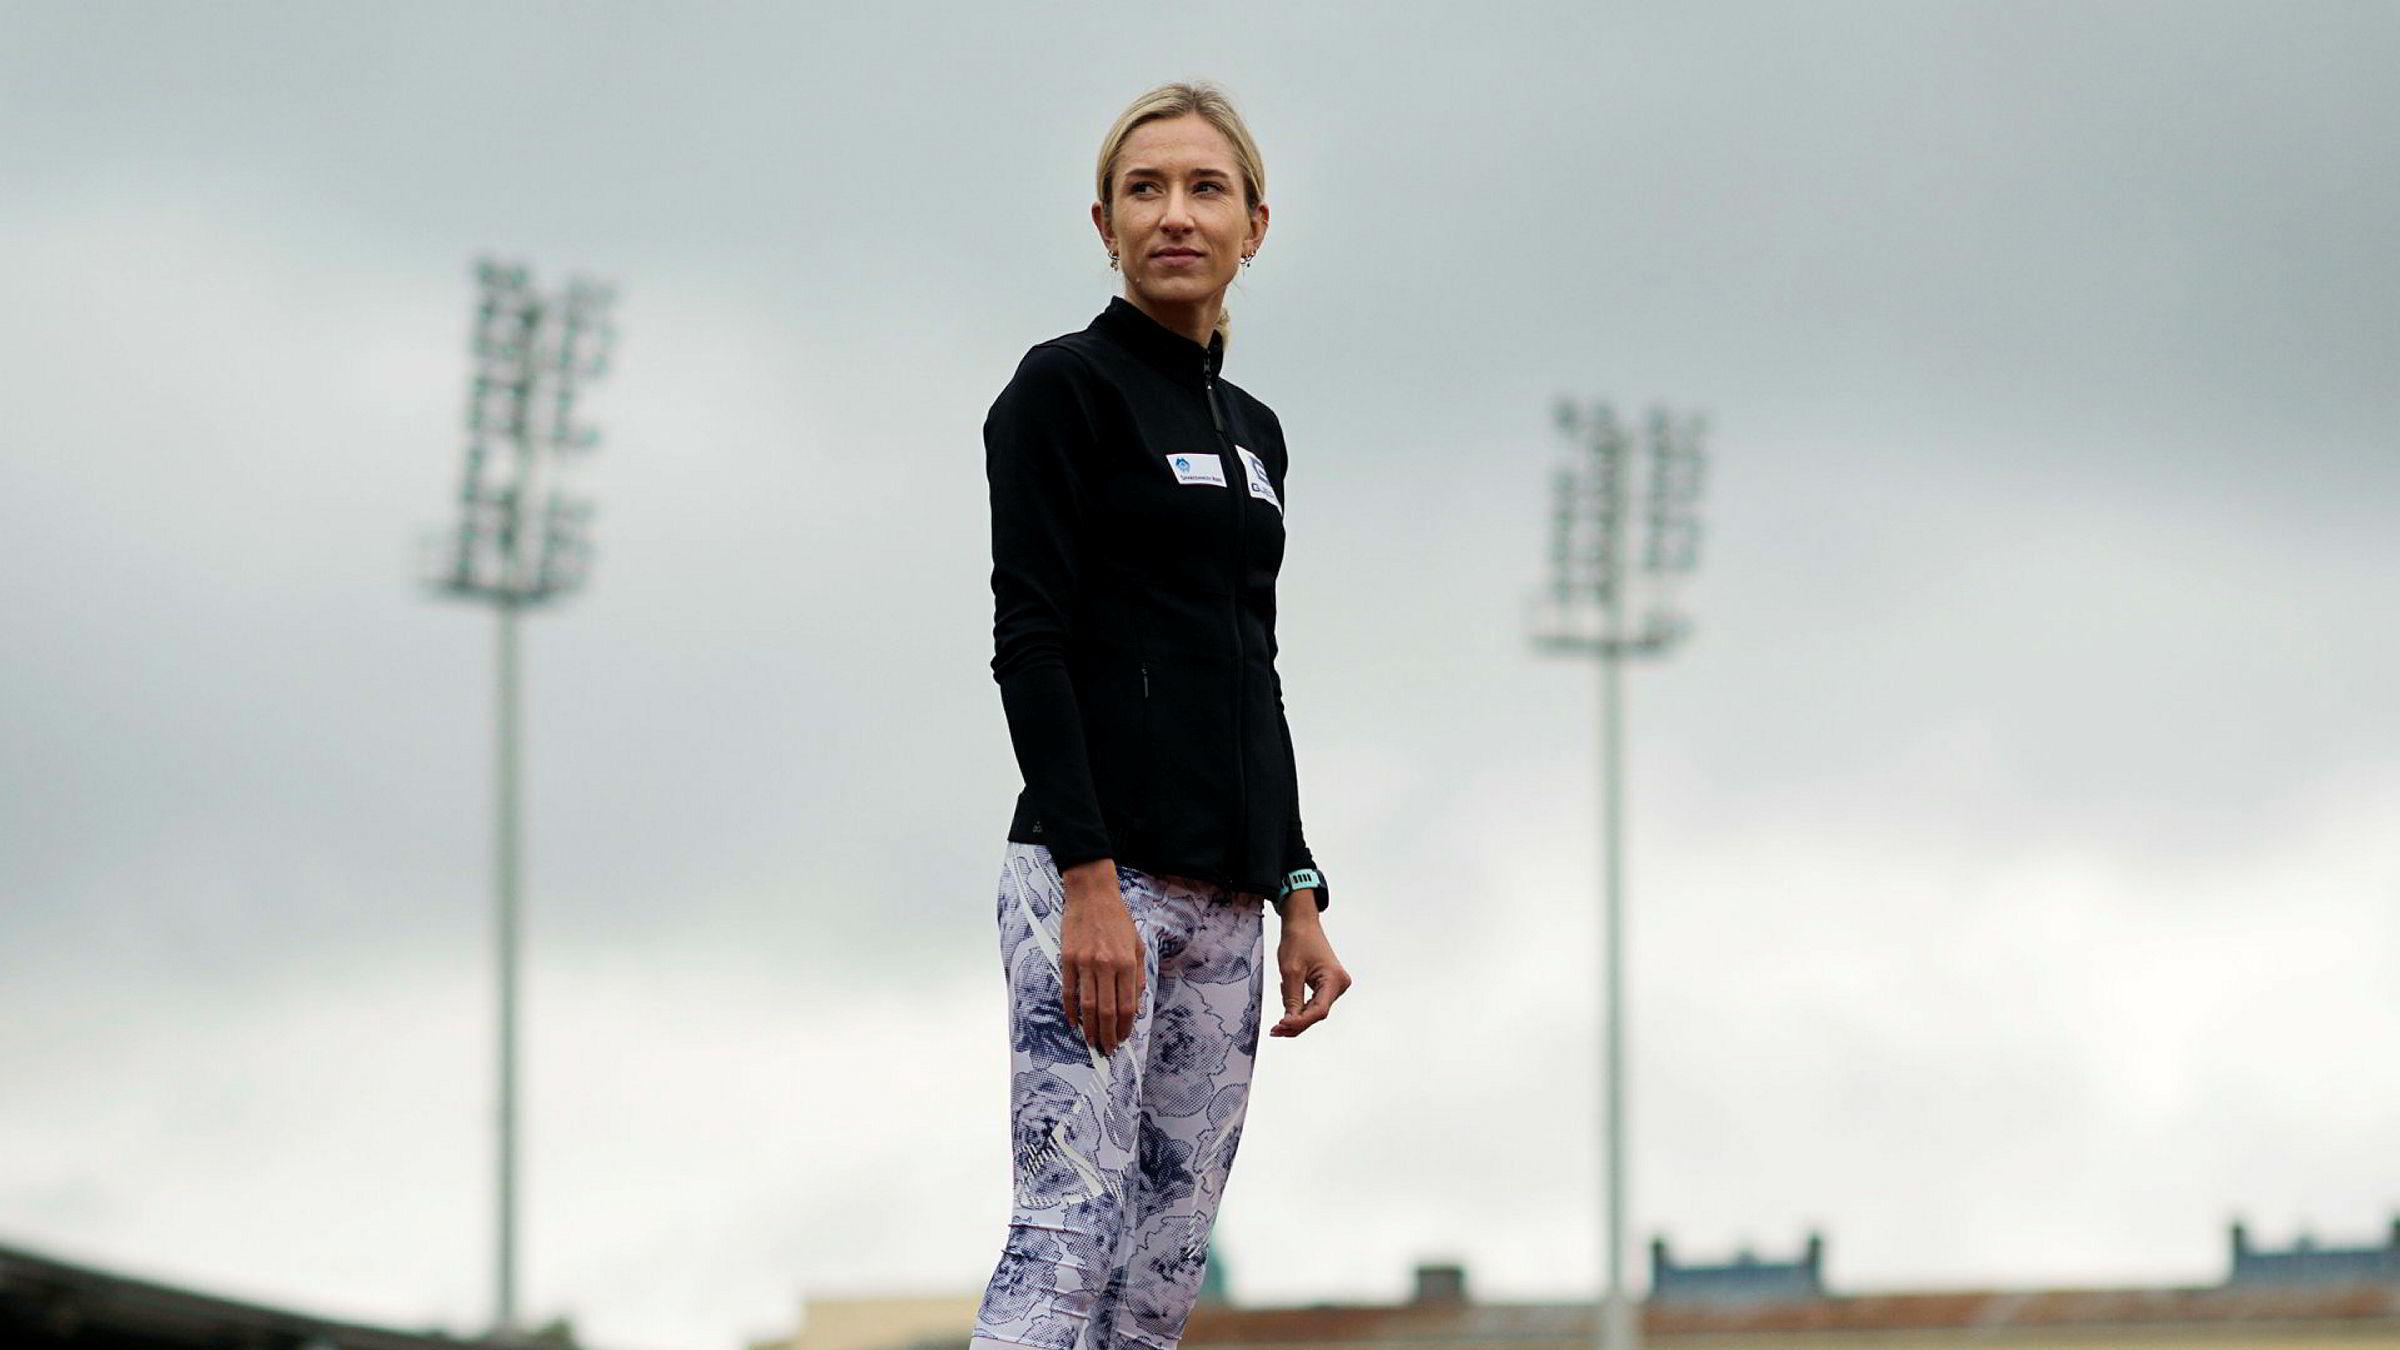 Karoline Bjerkeli Grøvdal går tilbake til røttene og løper 3000 meter hinder under Bislett Games 15. juni.